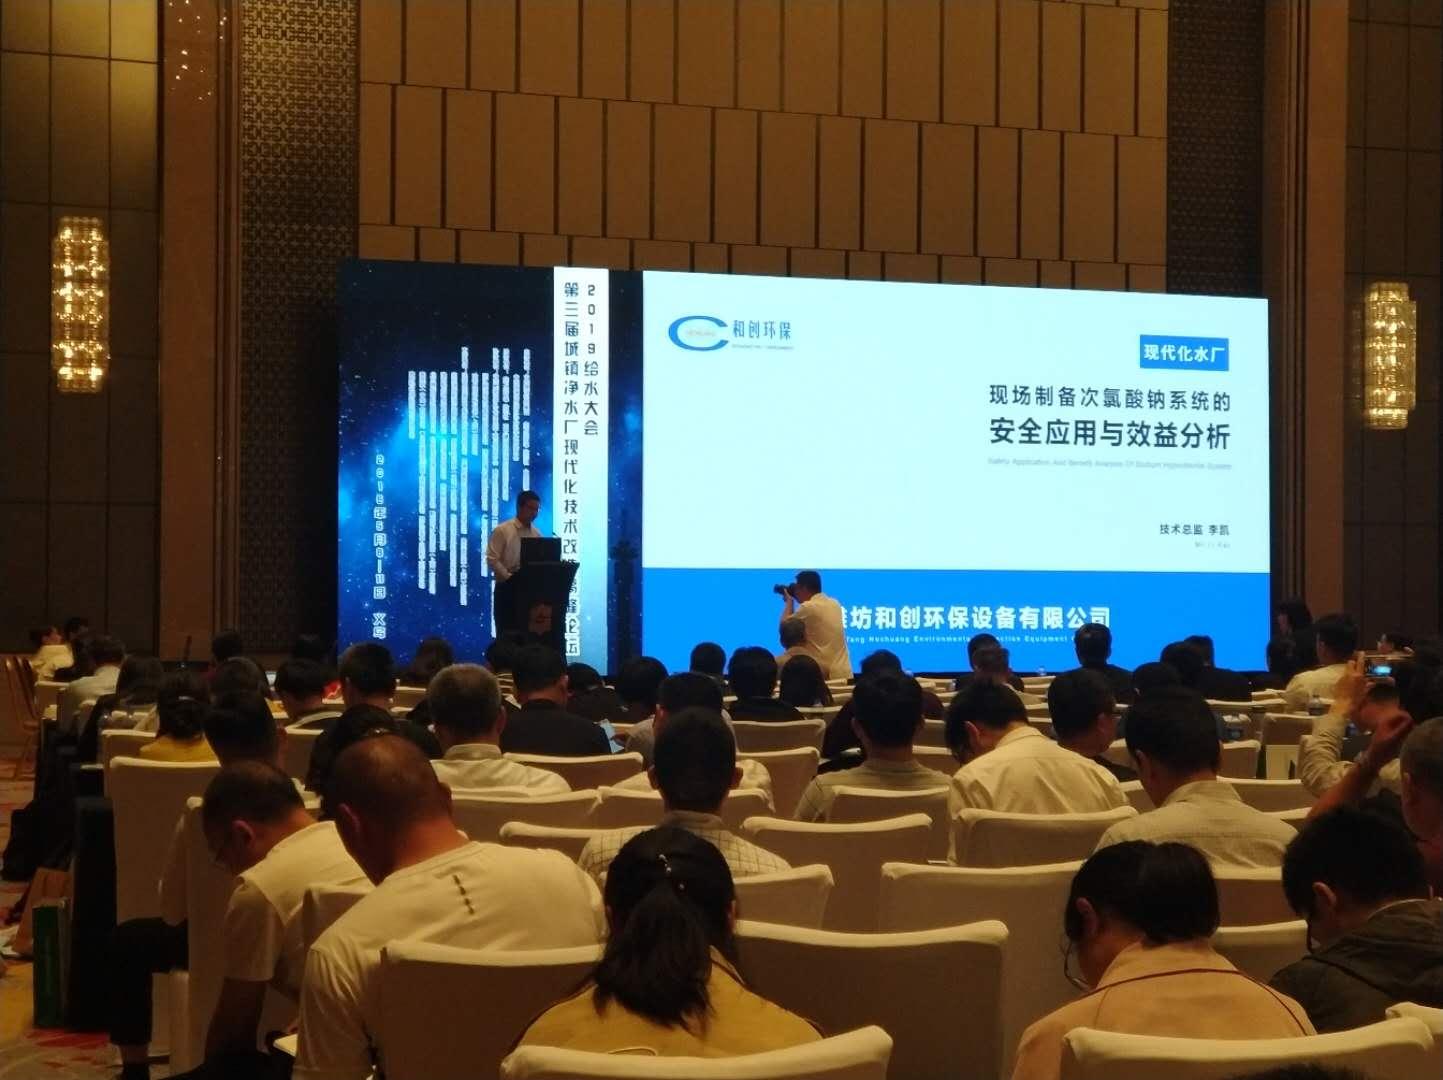 和創受邀參加2019年中國給水大會城鎮凈水廠現代技術改造高峰論壇